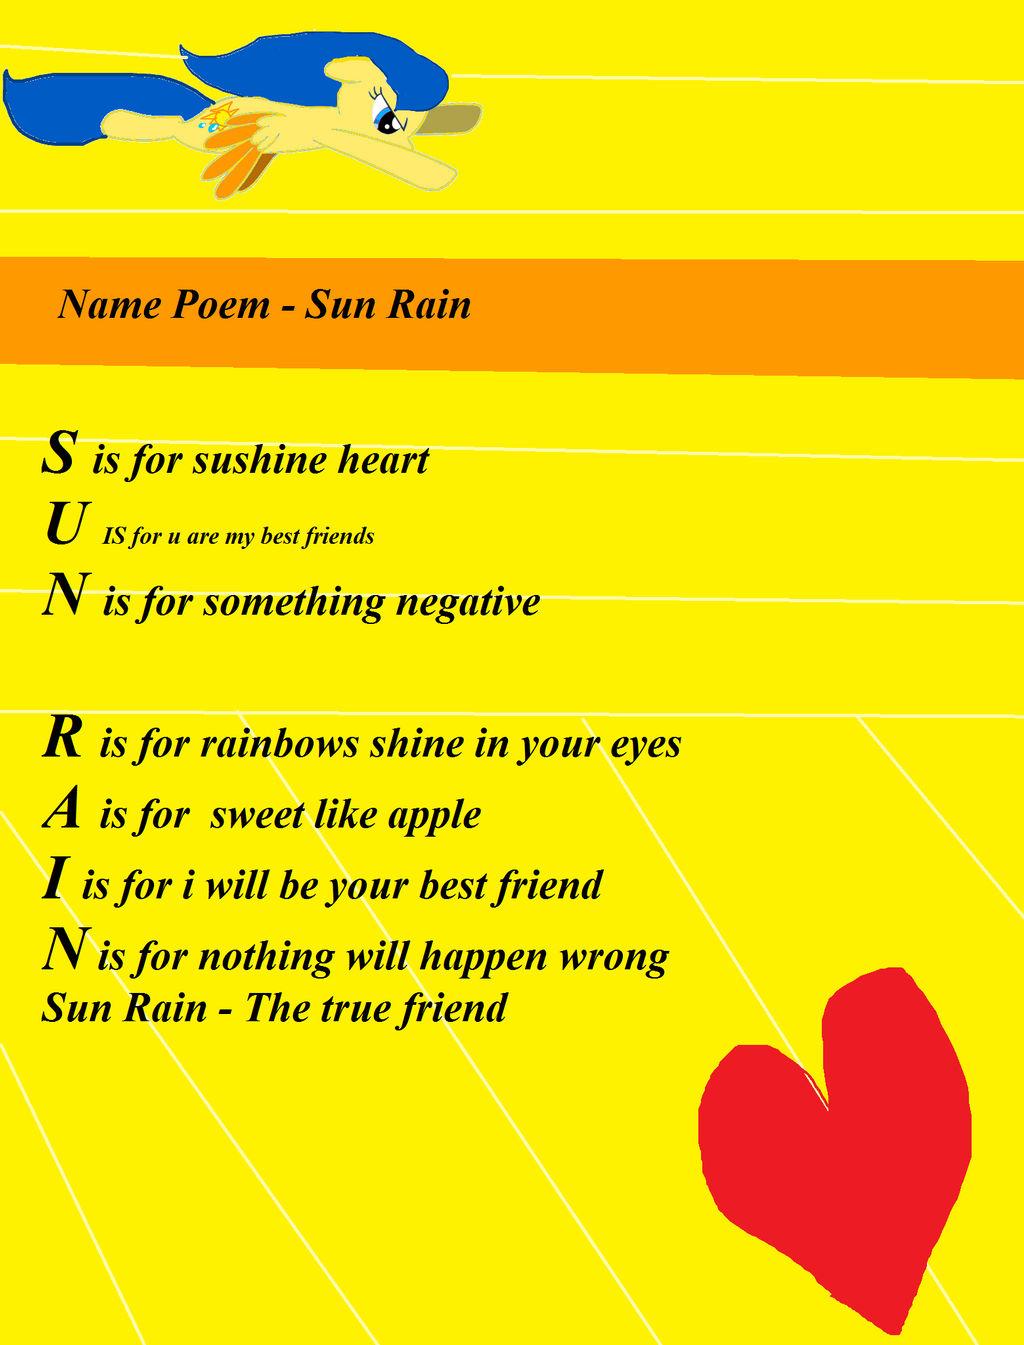 Name Poem - Sun Rain